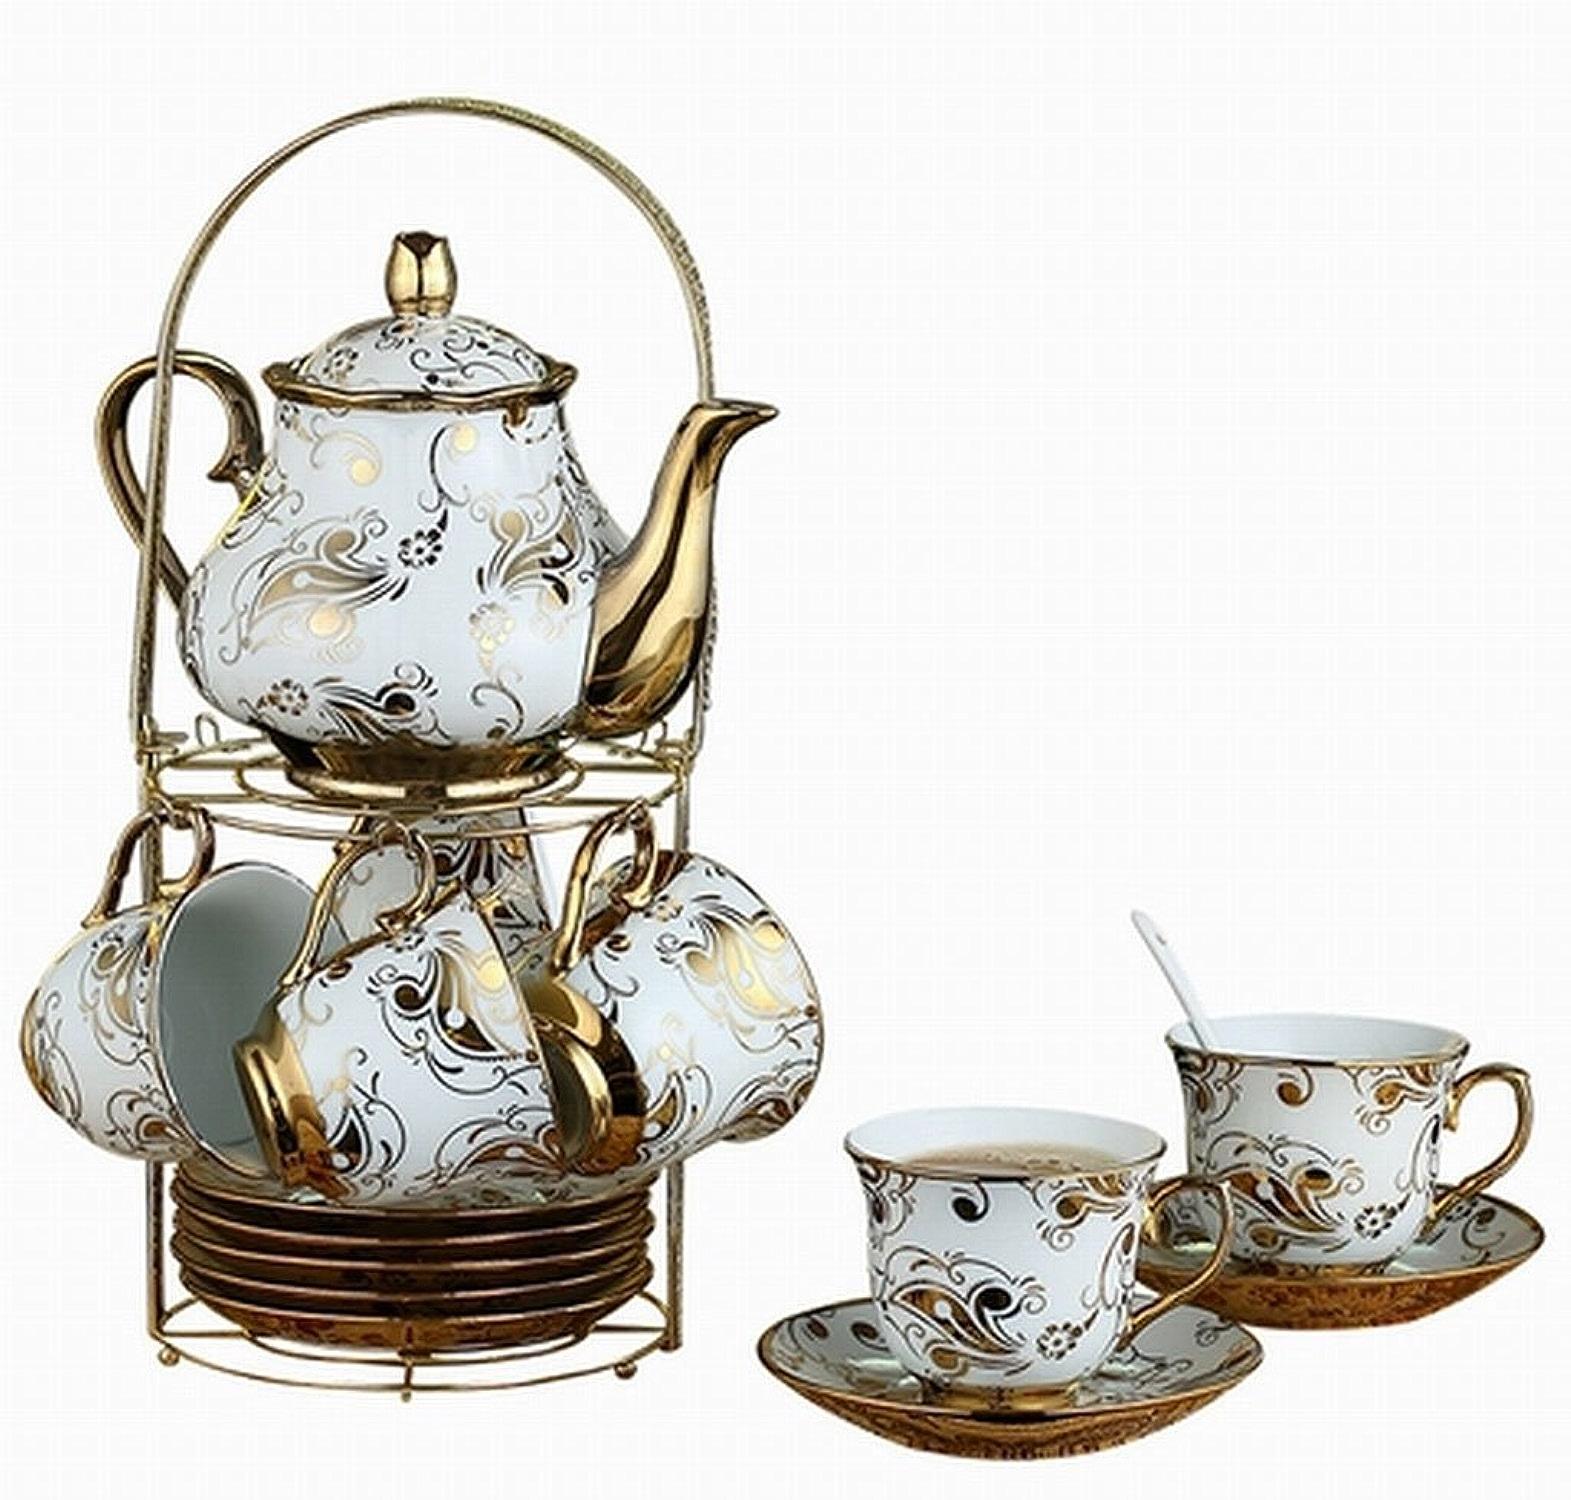 Ensemble de café en céramique créative Style européen minimaliste Impression tasse de café Ensemble Home Office Party Ensemble de thé thé en porcelaine anglais après-midi Set de 6